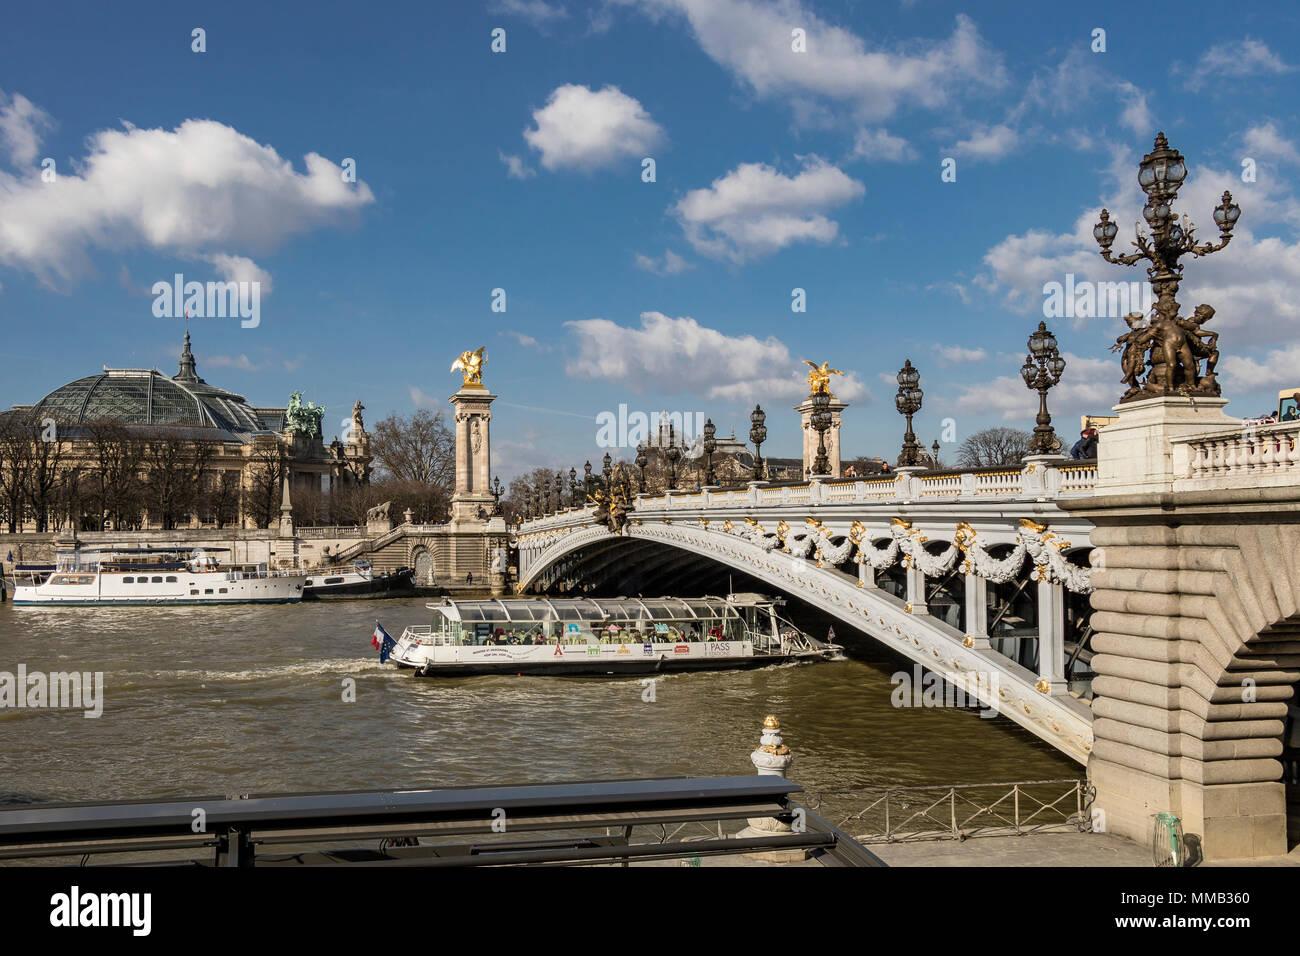 Pont Alexandre III Ein deck Bogenbrücke, die sich über die Seine in Paris. Die Brücke ist weithin als die meisten verzierten, extravagante Brücke in Paris angesehen Stockfoto